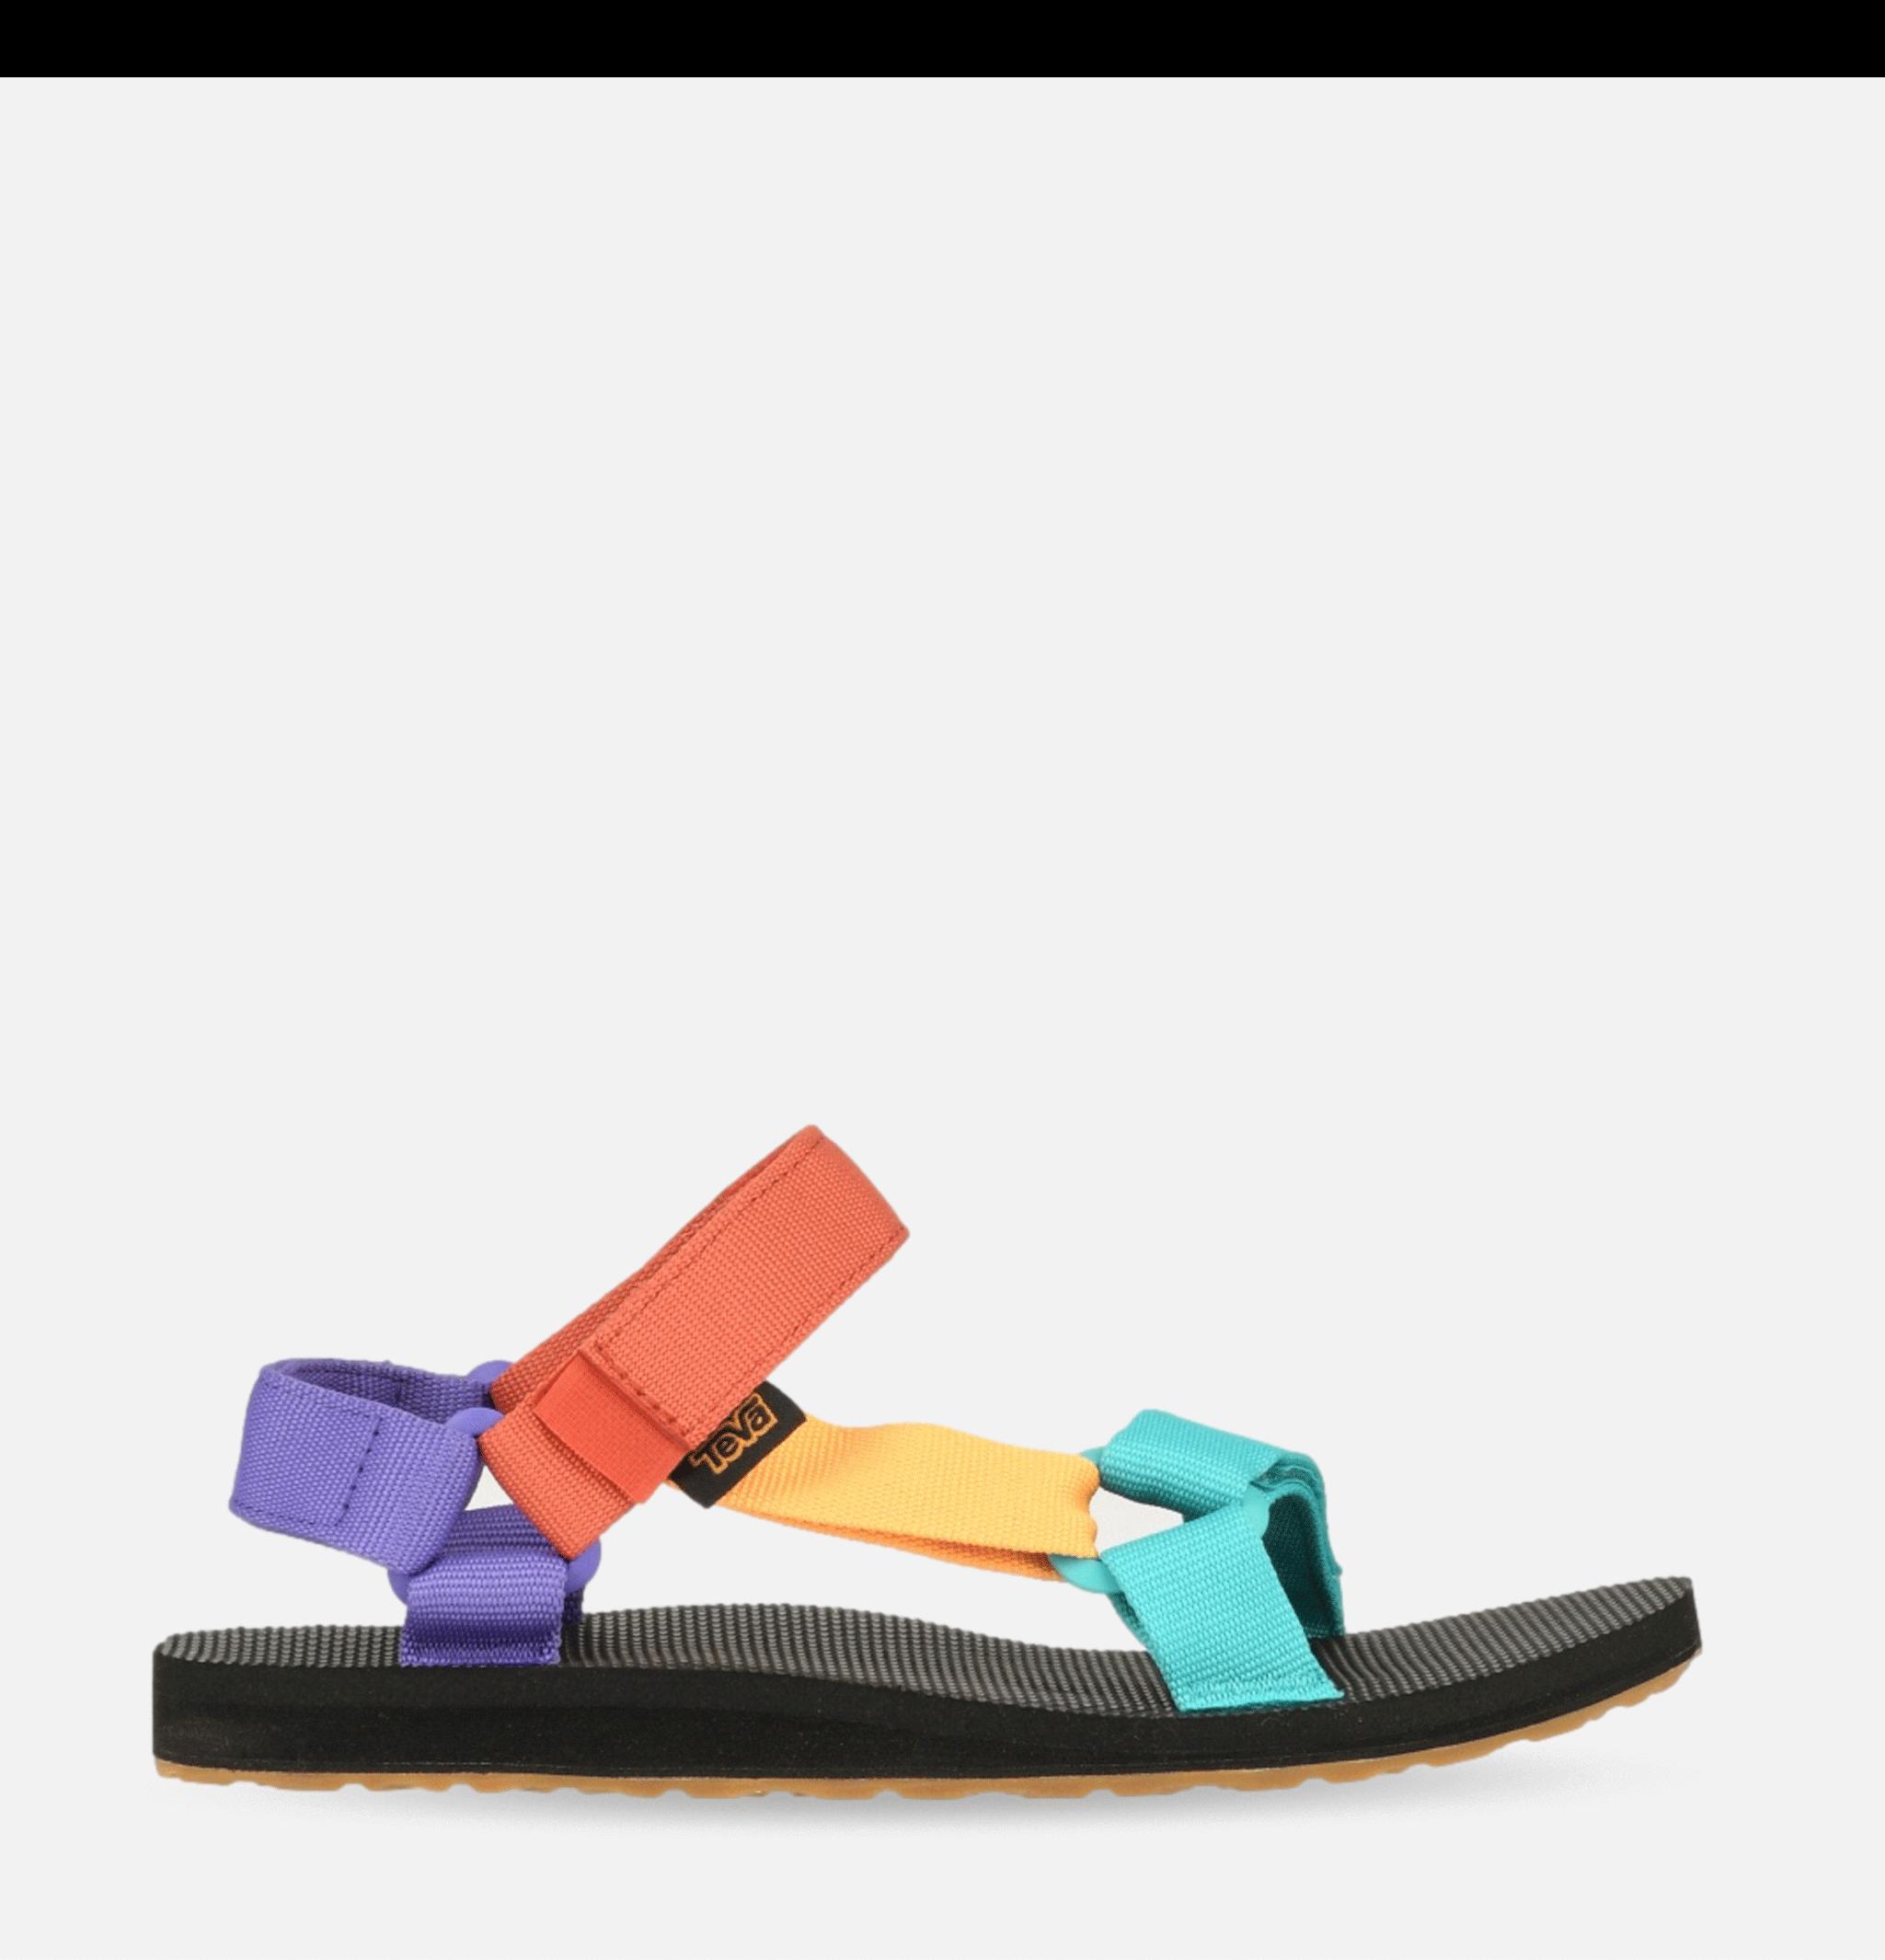 Urban Sandals Multi